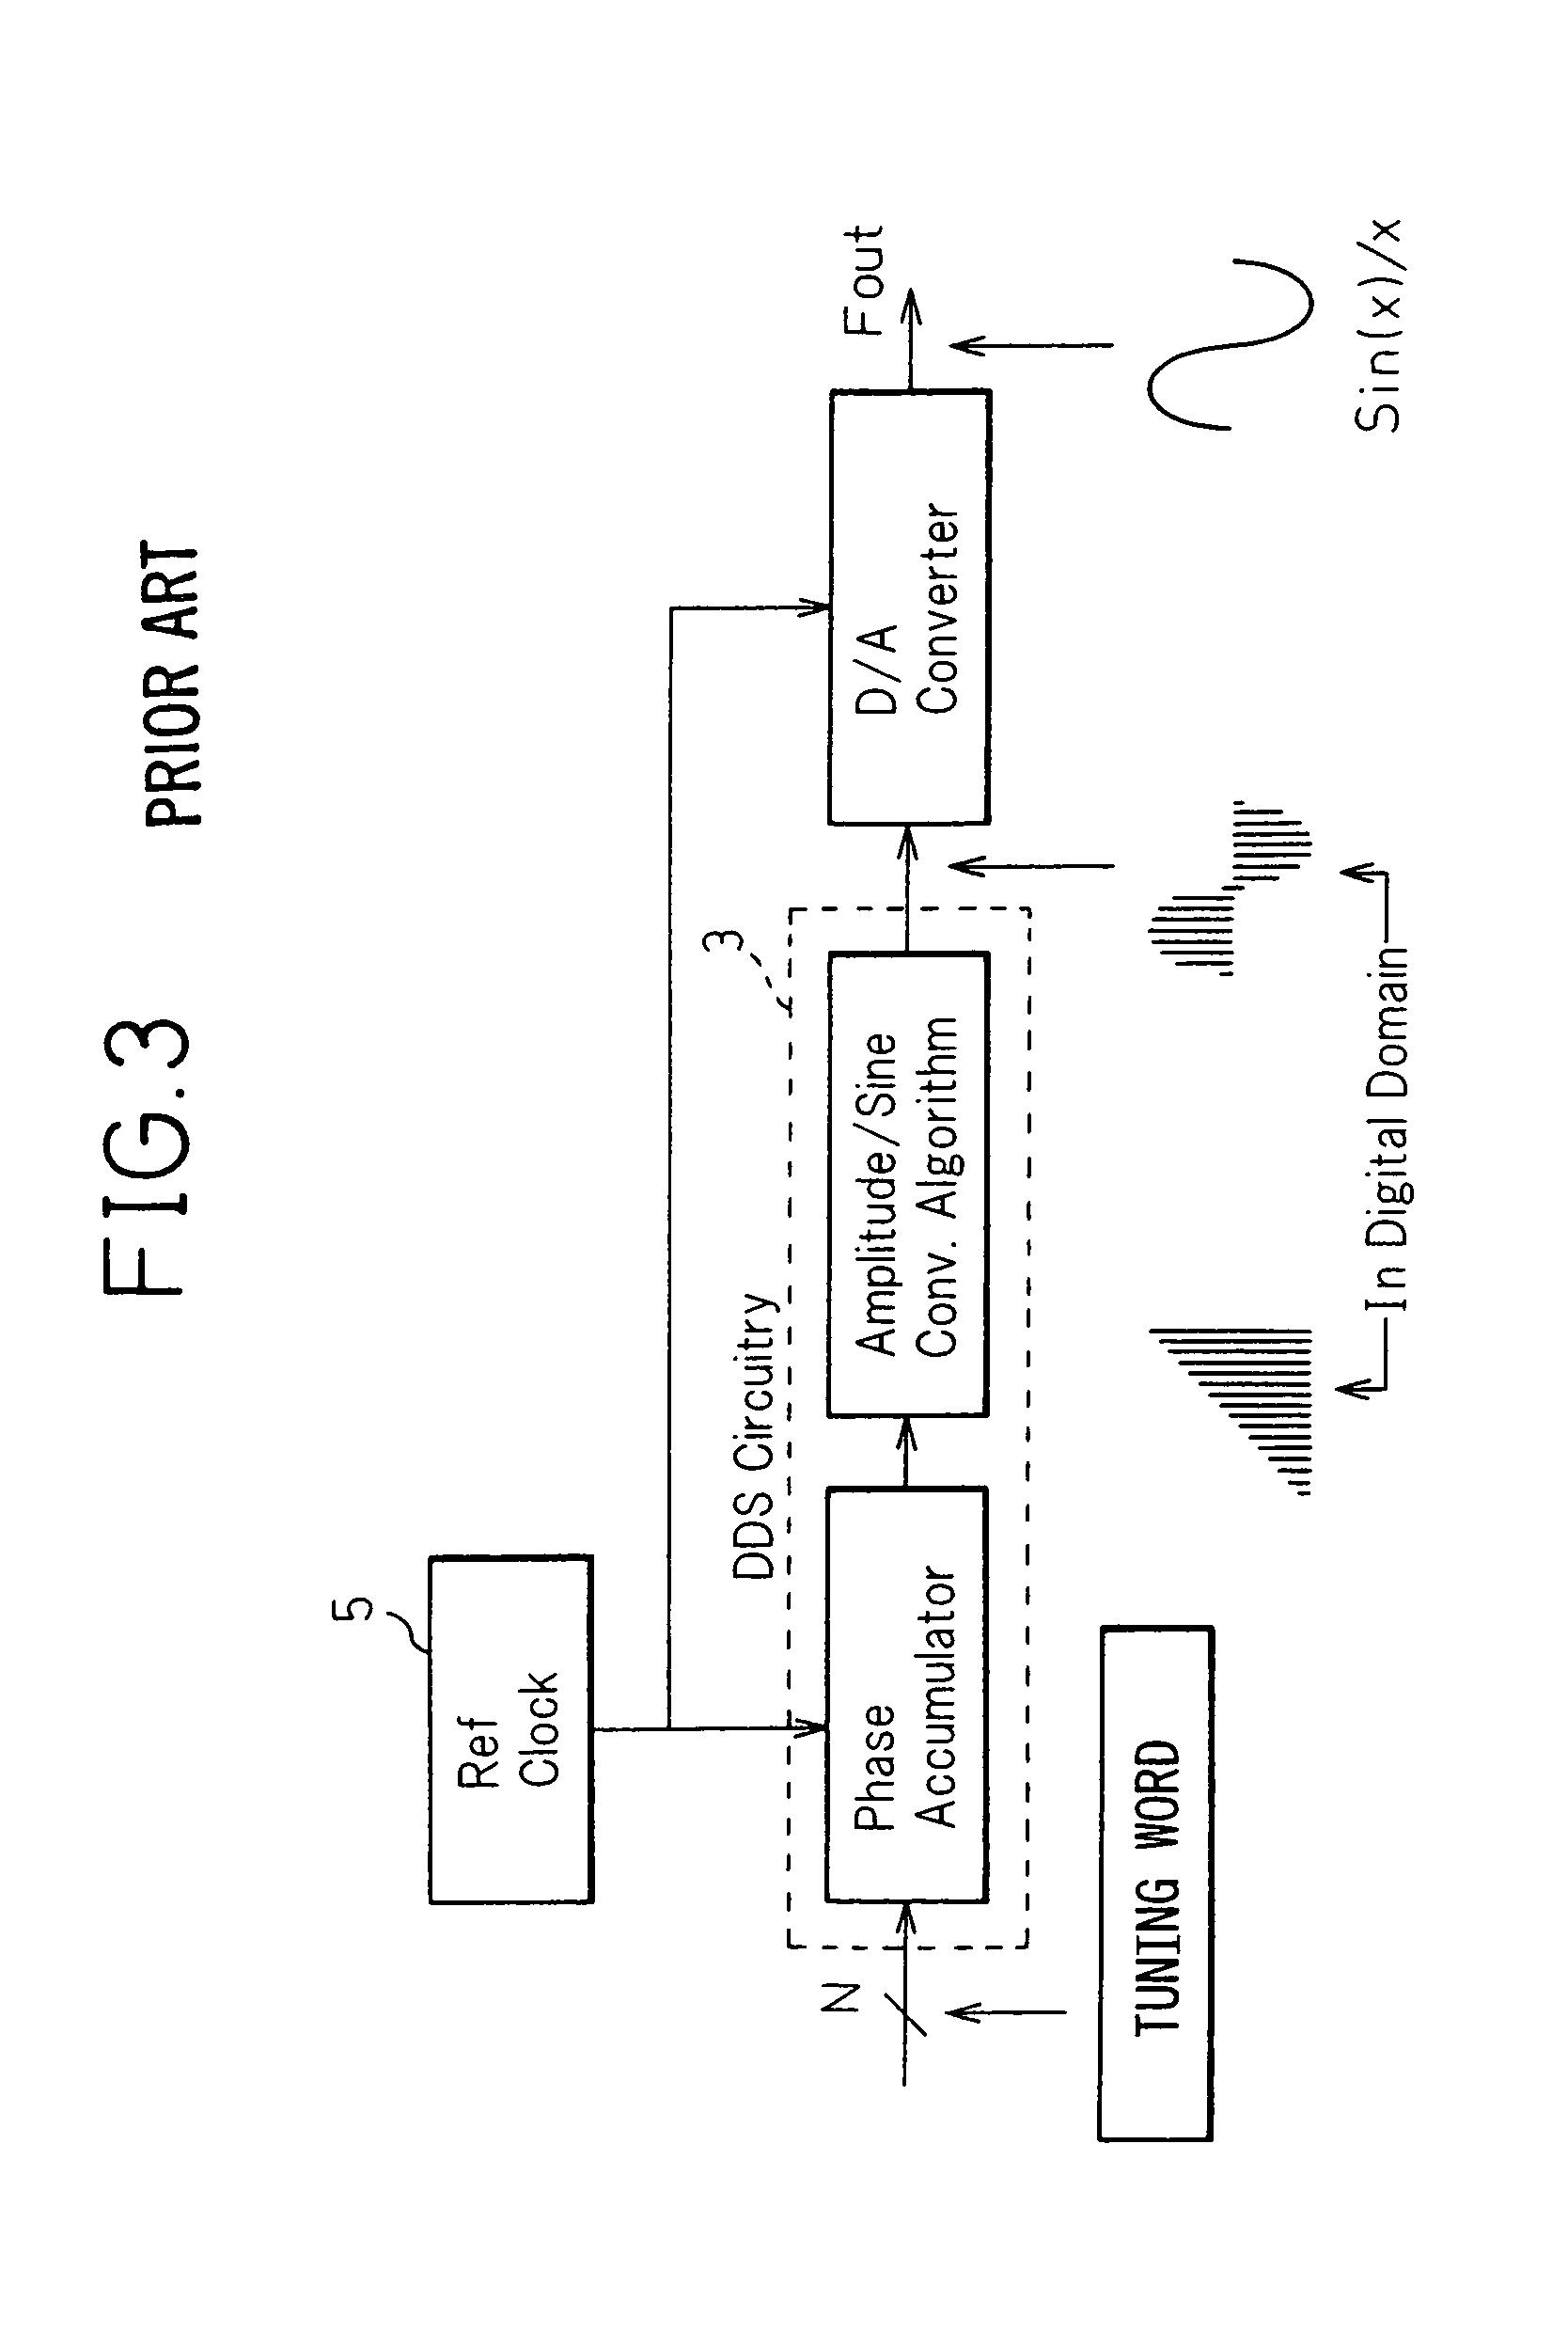 Brevet US7330057 - DPLL circuit having holdover function